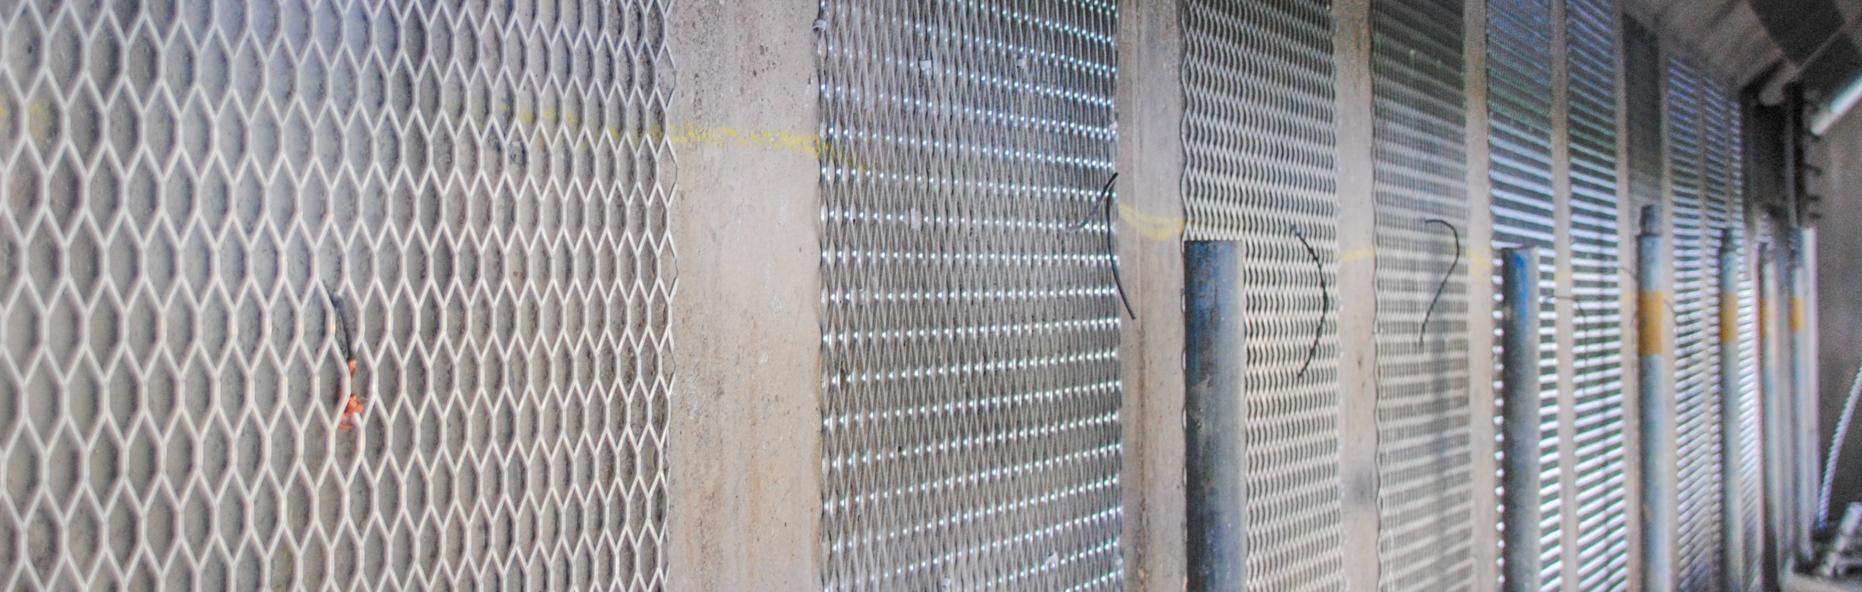 Zinkgaas anode kopen voor galvanische kathodische bescherming van beton